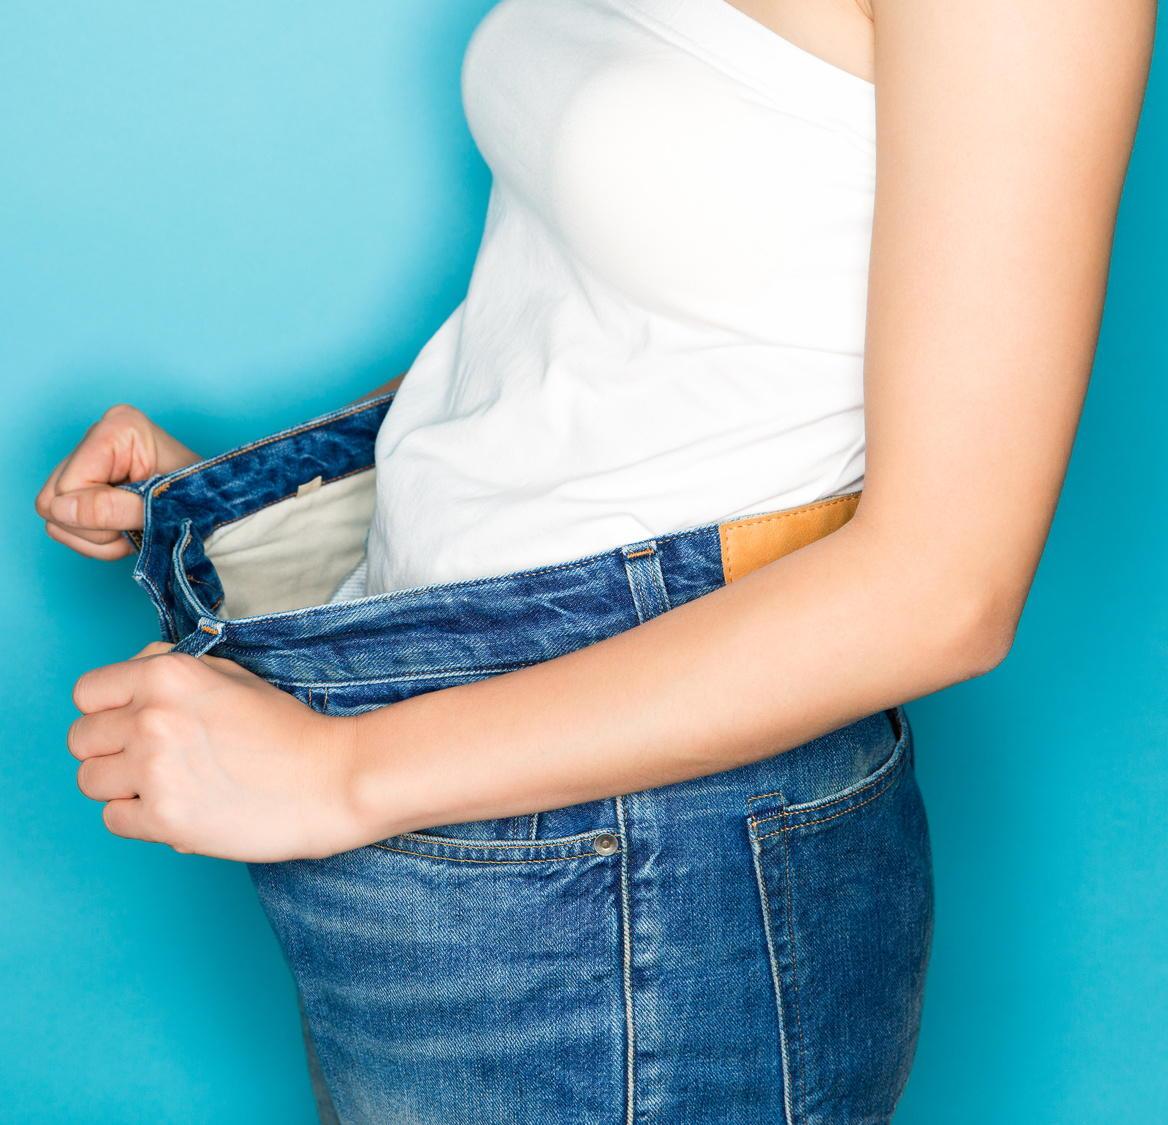 腹囲が基準未満でも特定保健指導の対象に 「非肥満保健指導」を検討